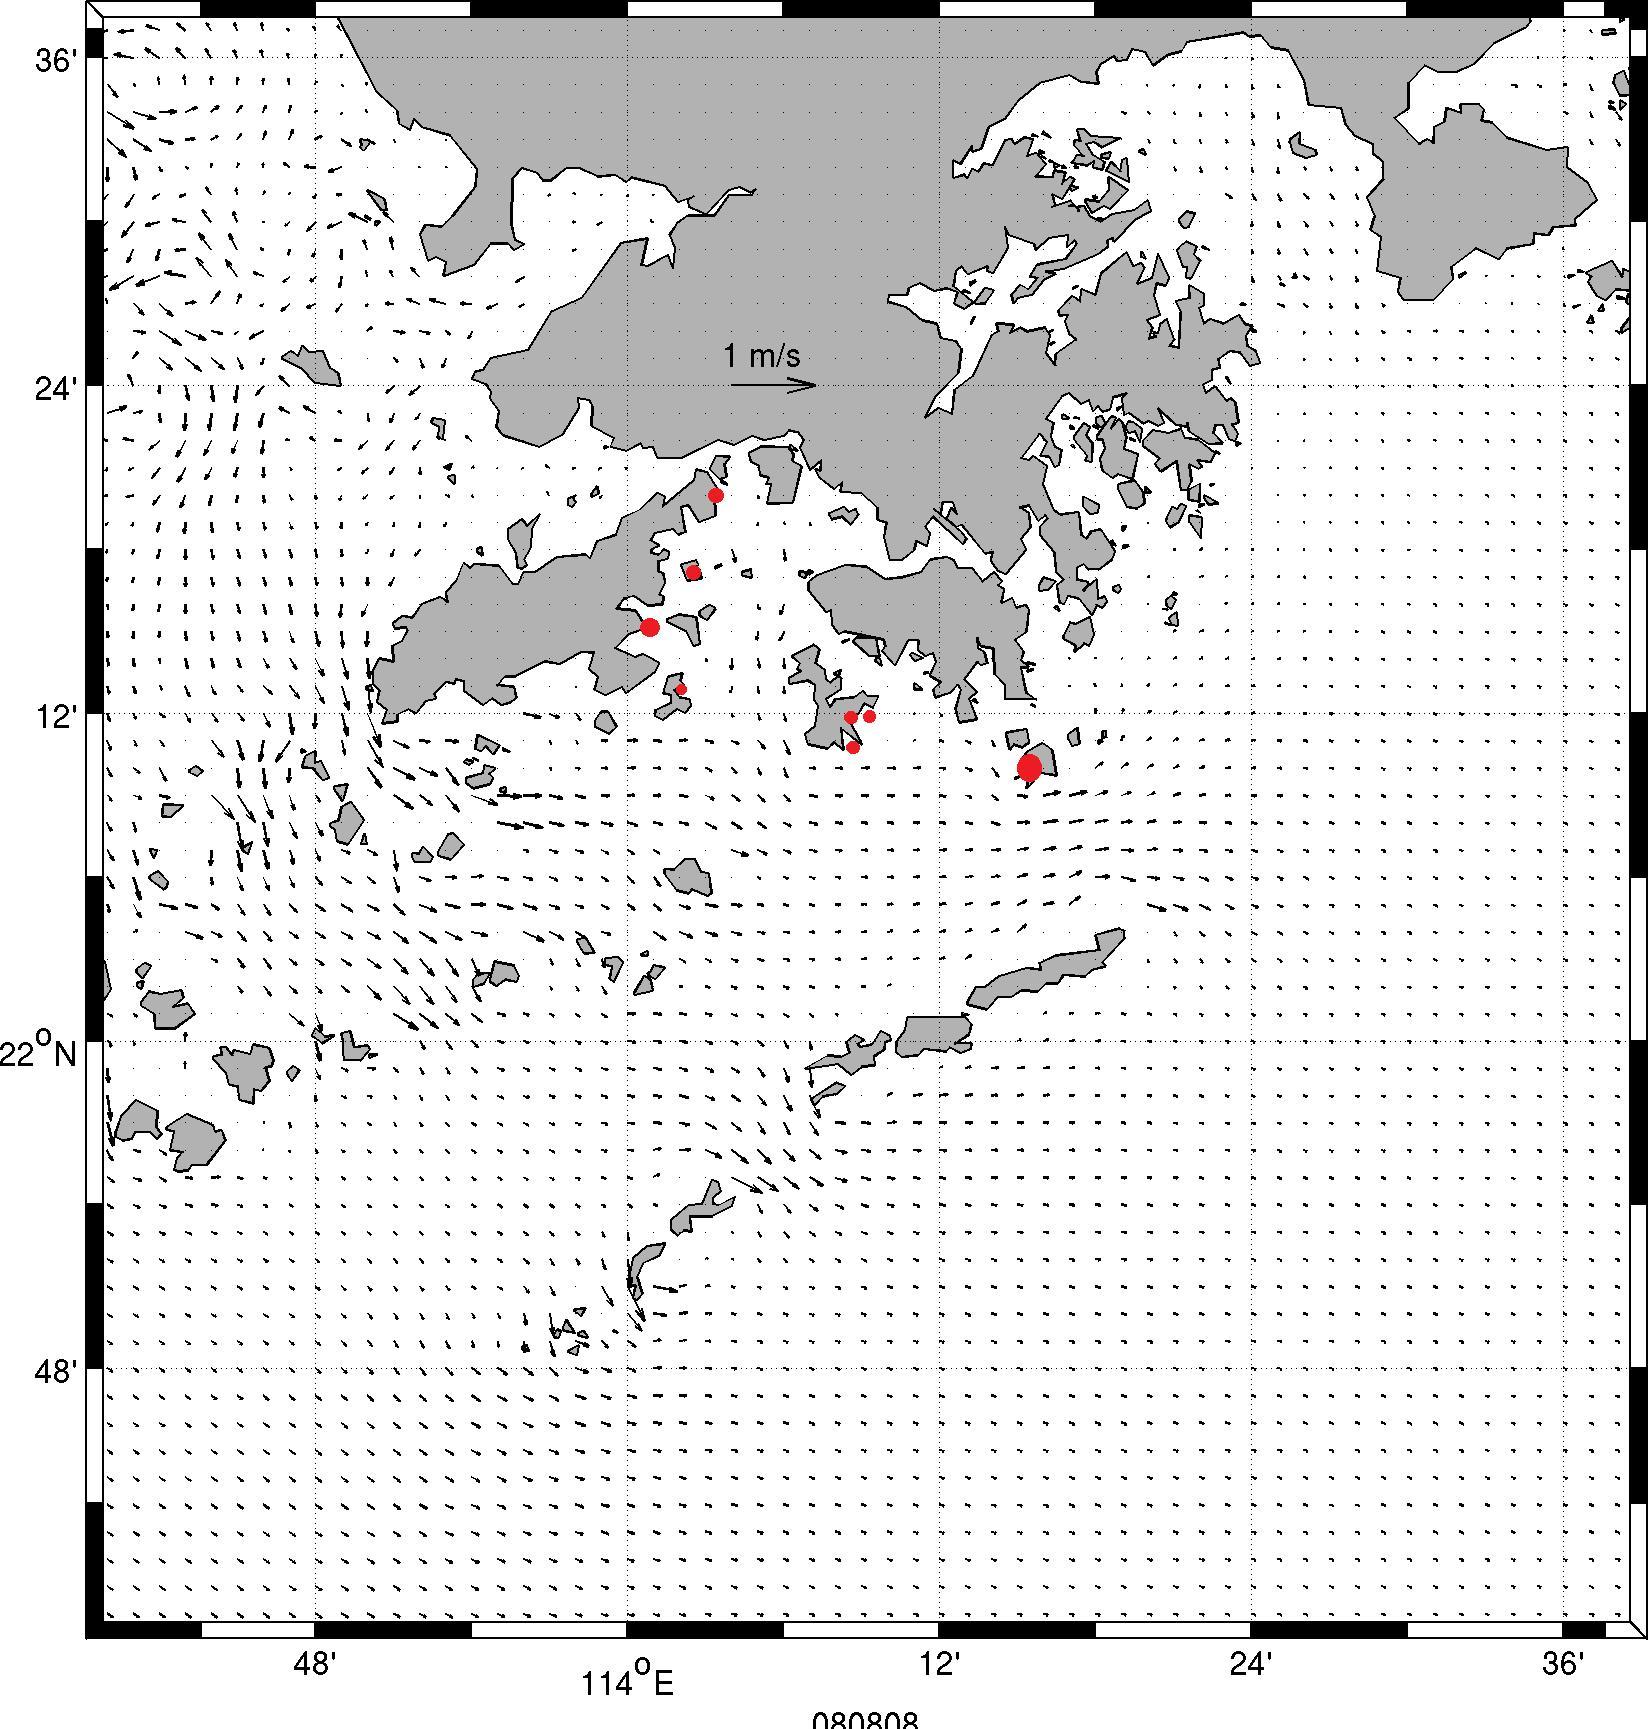 8月8日退潮情況以及收集膠粒位置(紅圈示)